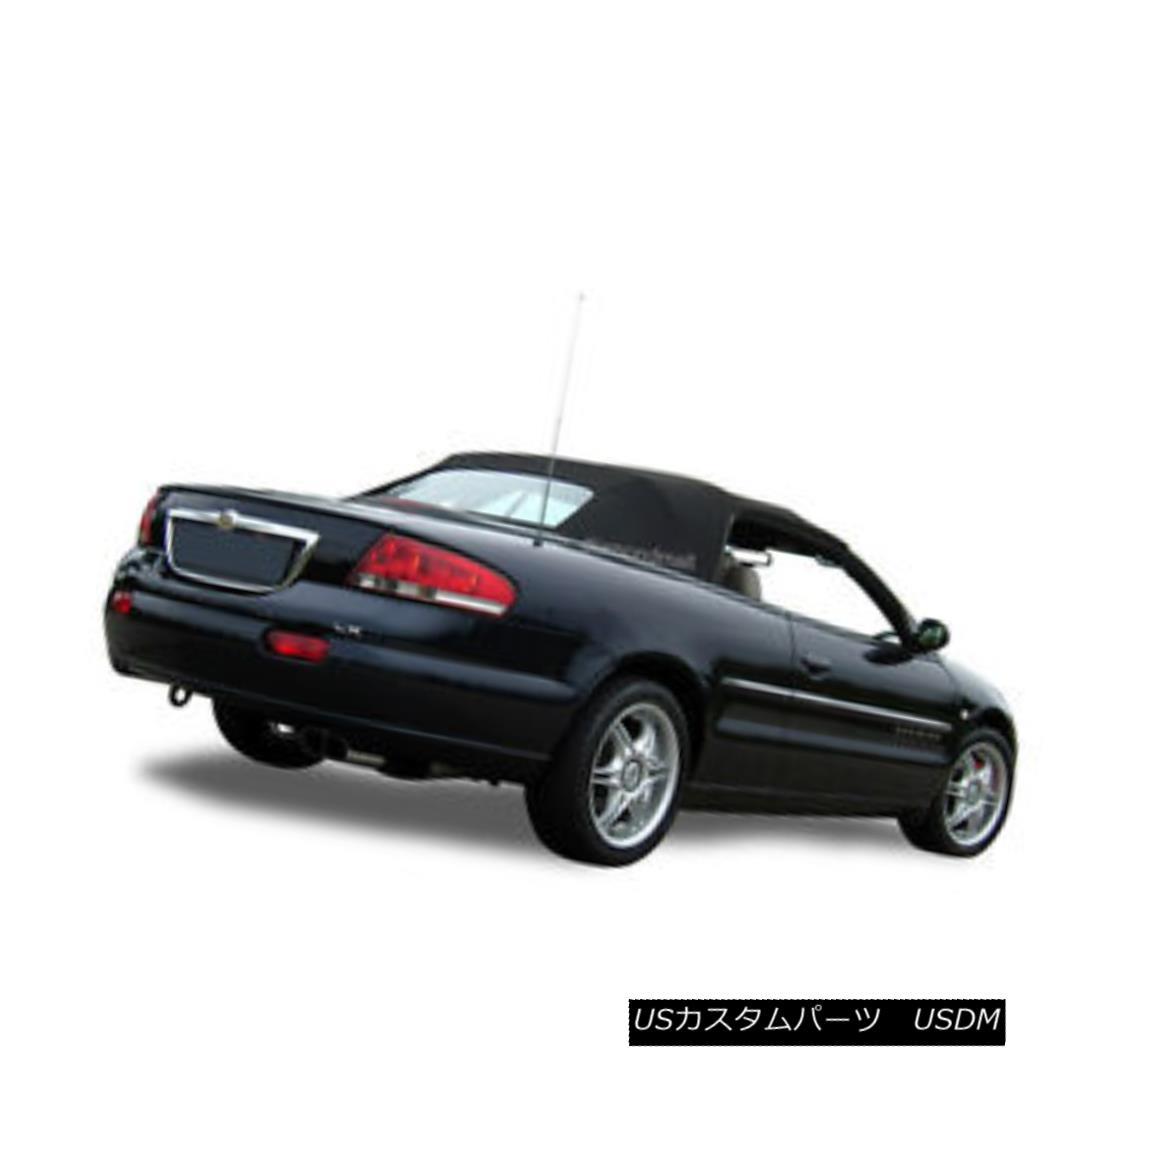 幌・ソフトトップ Chrysler Sebring Convertible Soft Top & Heated Glass window 1996-2006 Black クライスラーセブリングコンバーチブルソフトトップ& 加熱ガラスの窓1996-2006黒